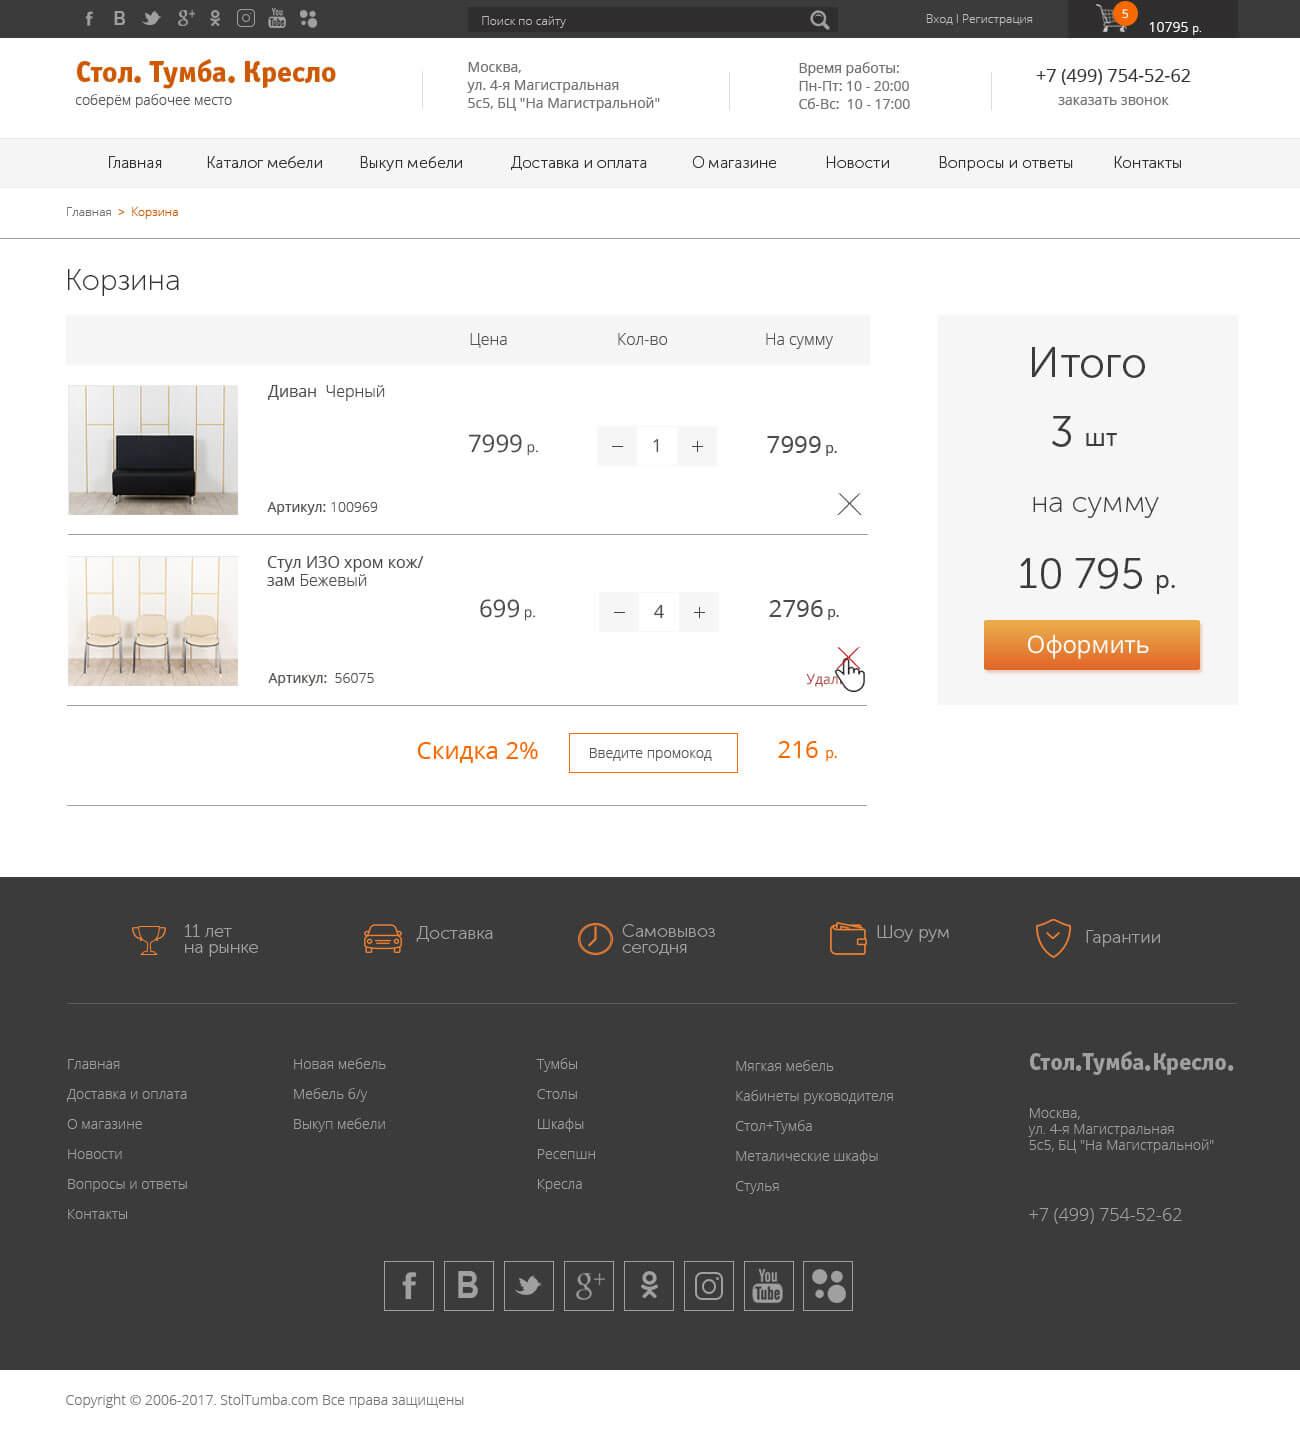 Заказать интернет-магазин по продаже мебели, фурнитуры и дверей